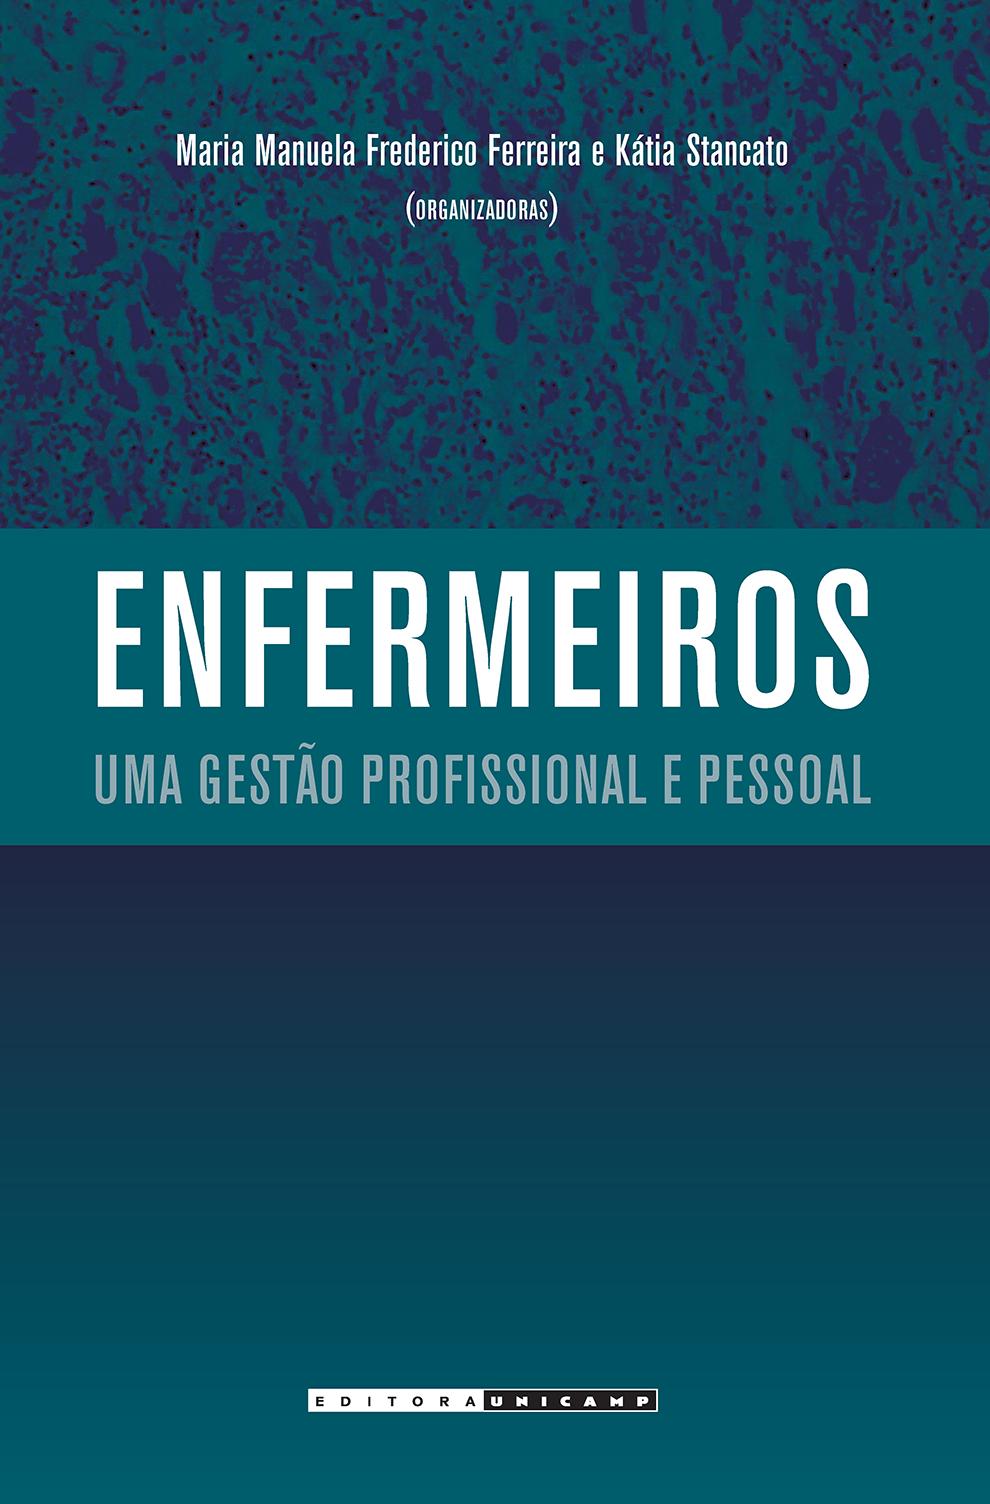 Enfermeiros - Uma gestão profissional e pessoal, livro de Manuela Frederico Ferreira, Kátia Stancato (org.)